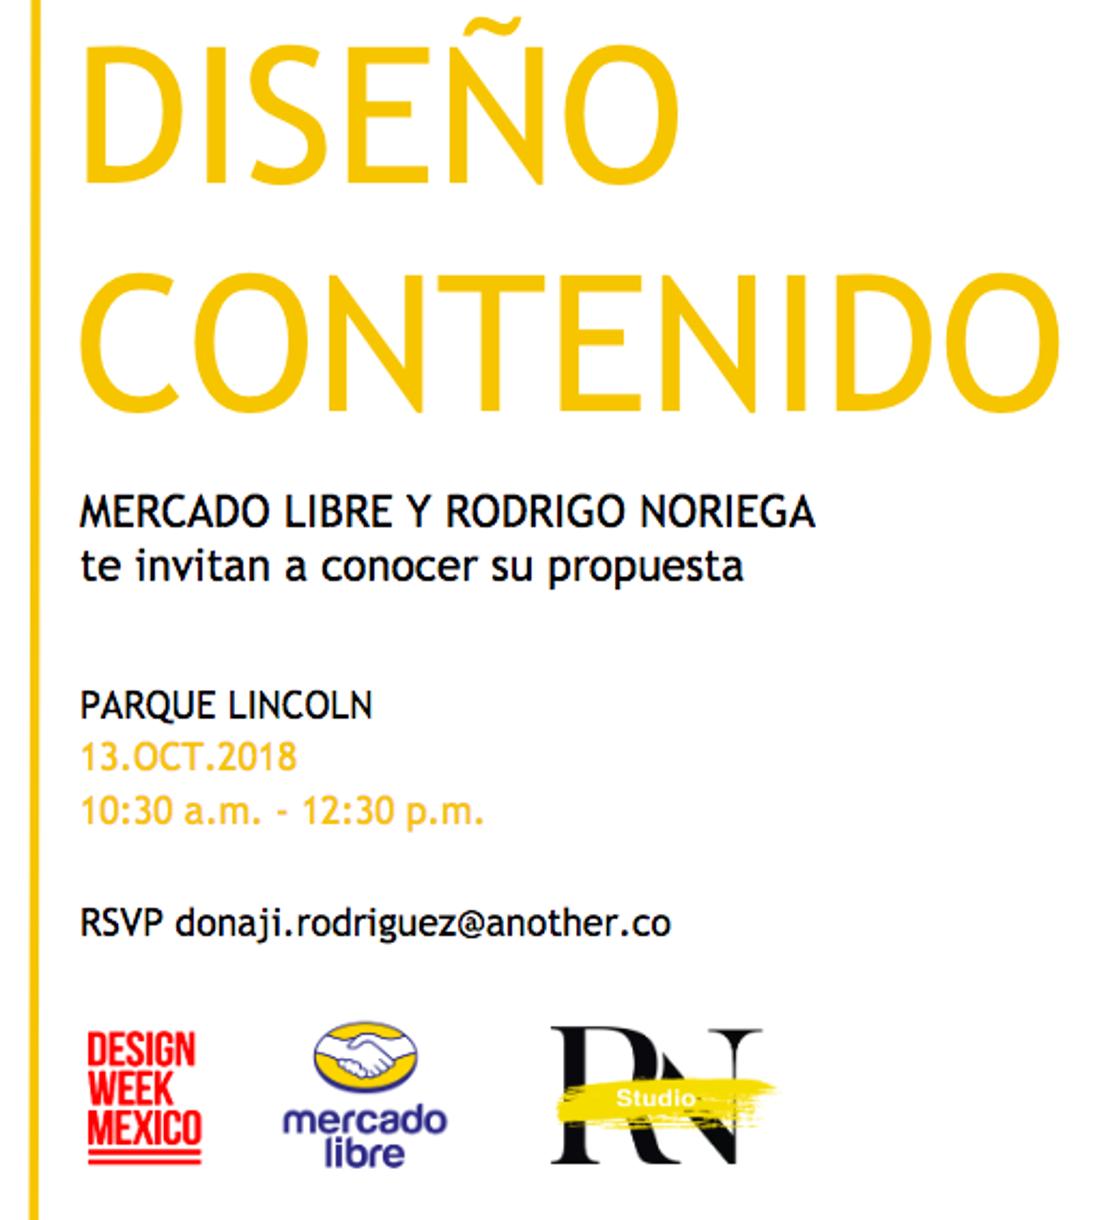 Mercado Libre y Rodrigo Noriega en Diseño Contenido este sábado